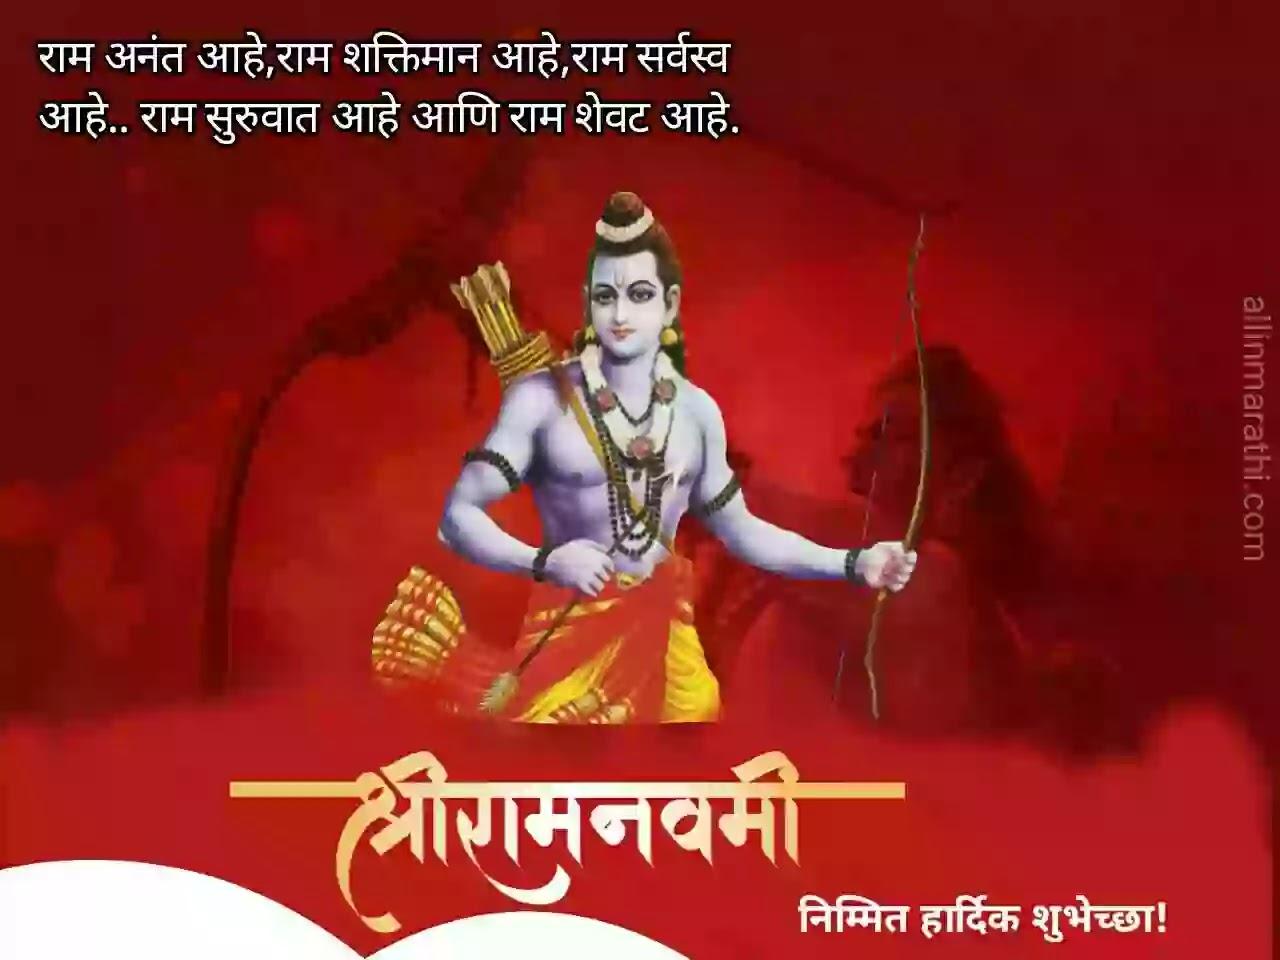 Ram-navami-shubhechha-marathi